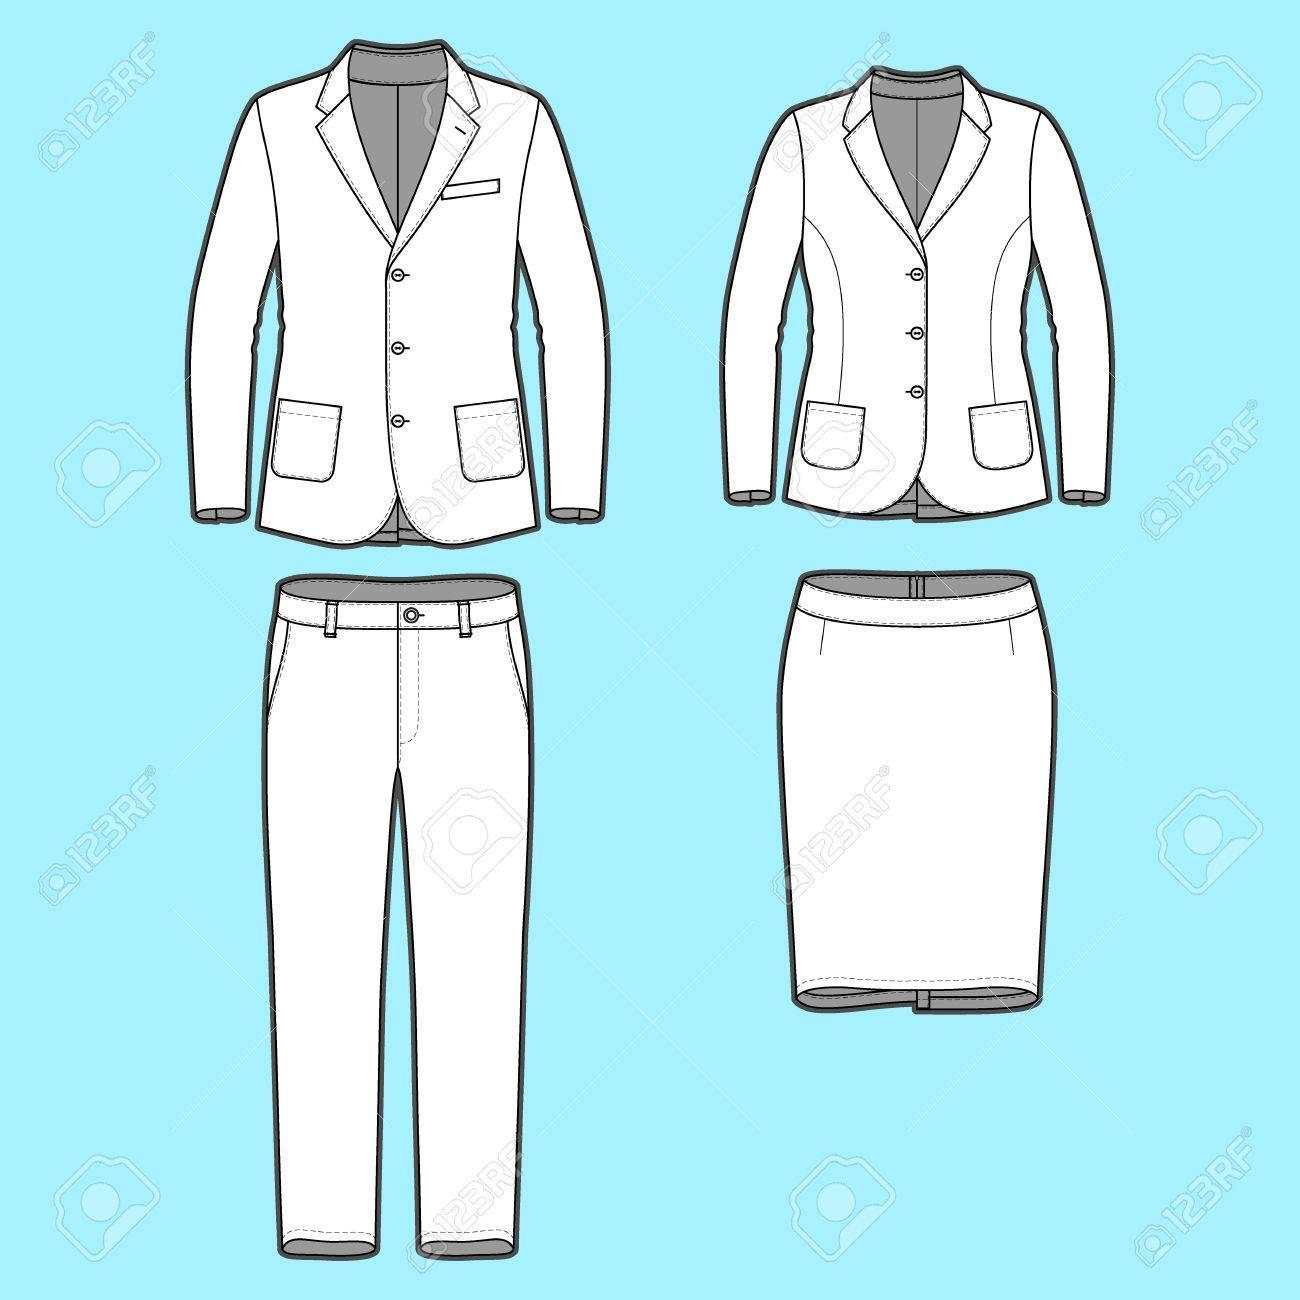 a205adfc8 Ropa En Blanco Para Hombre Y Mujer En Colores Blancos. Plantilla En Blanco  De Blazers Clásicos, Pantalones Y Falda En Vista Frontal. Estilo Casual.